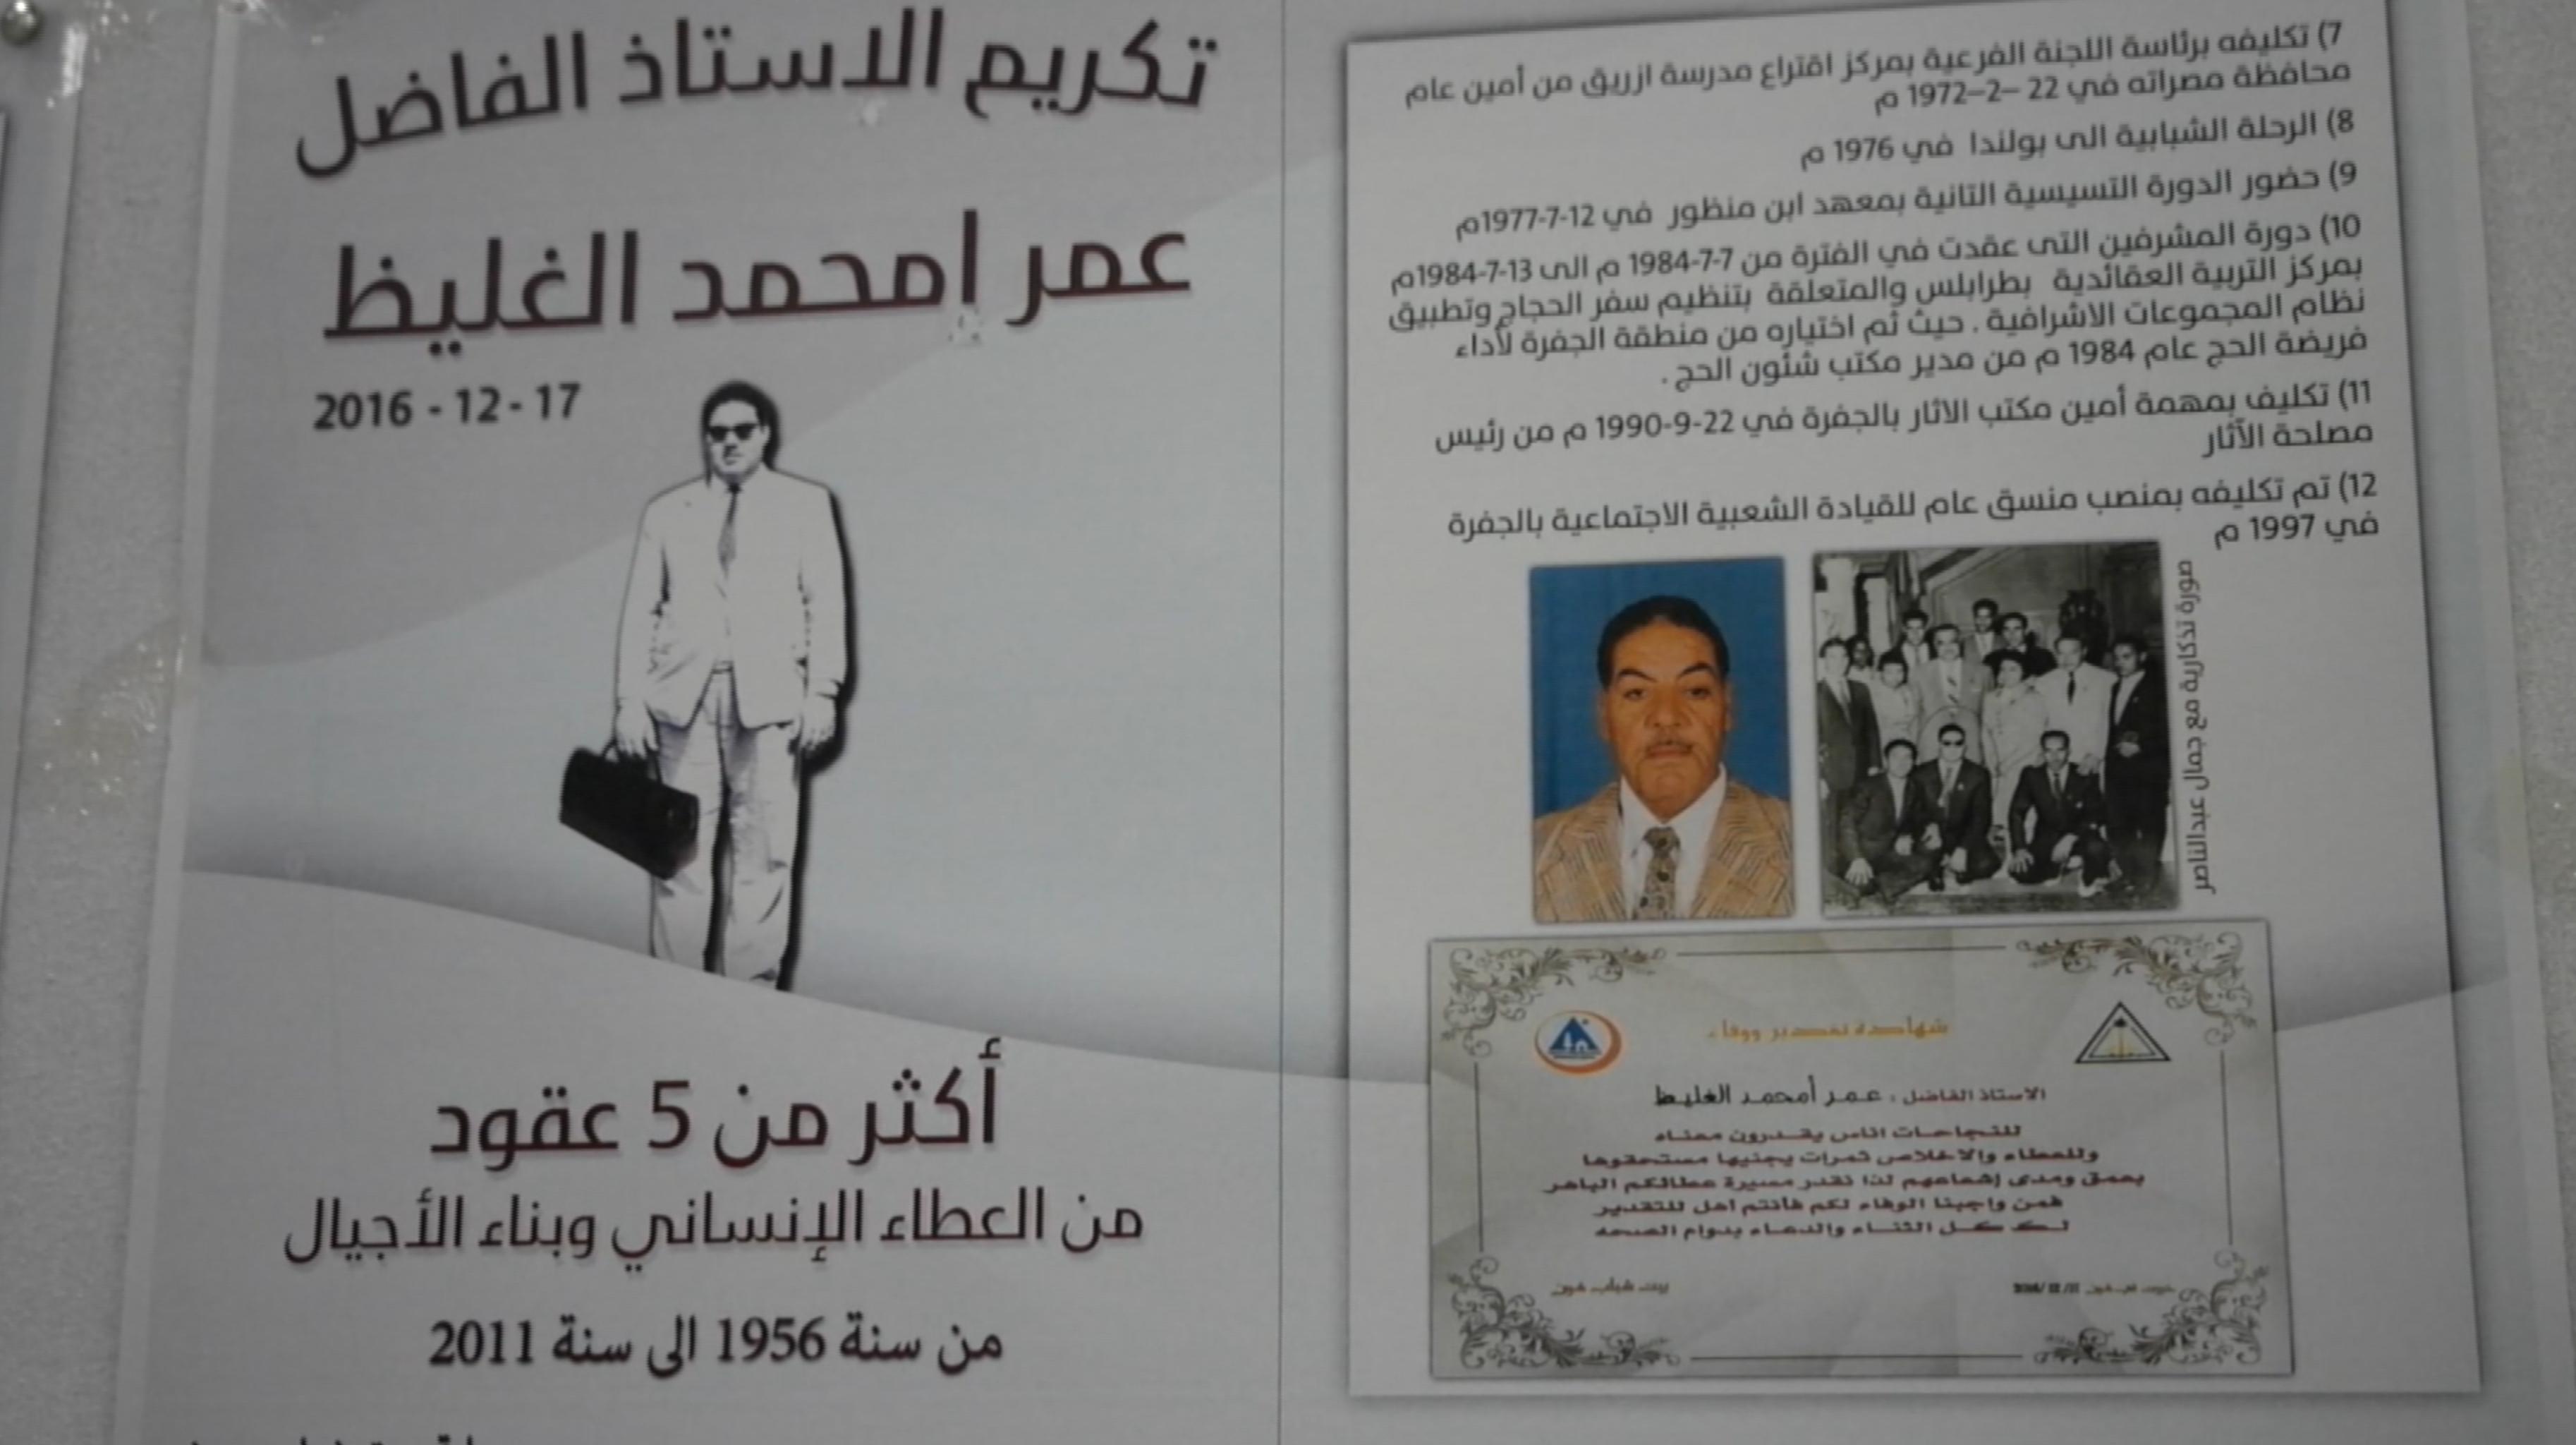 الأستاذ عمر الغليظ